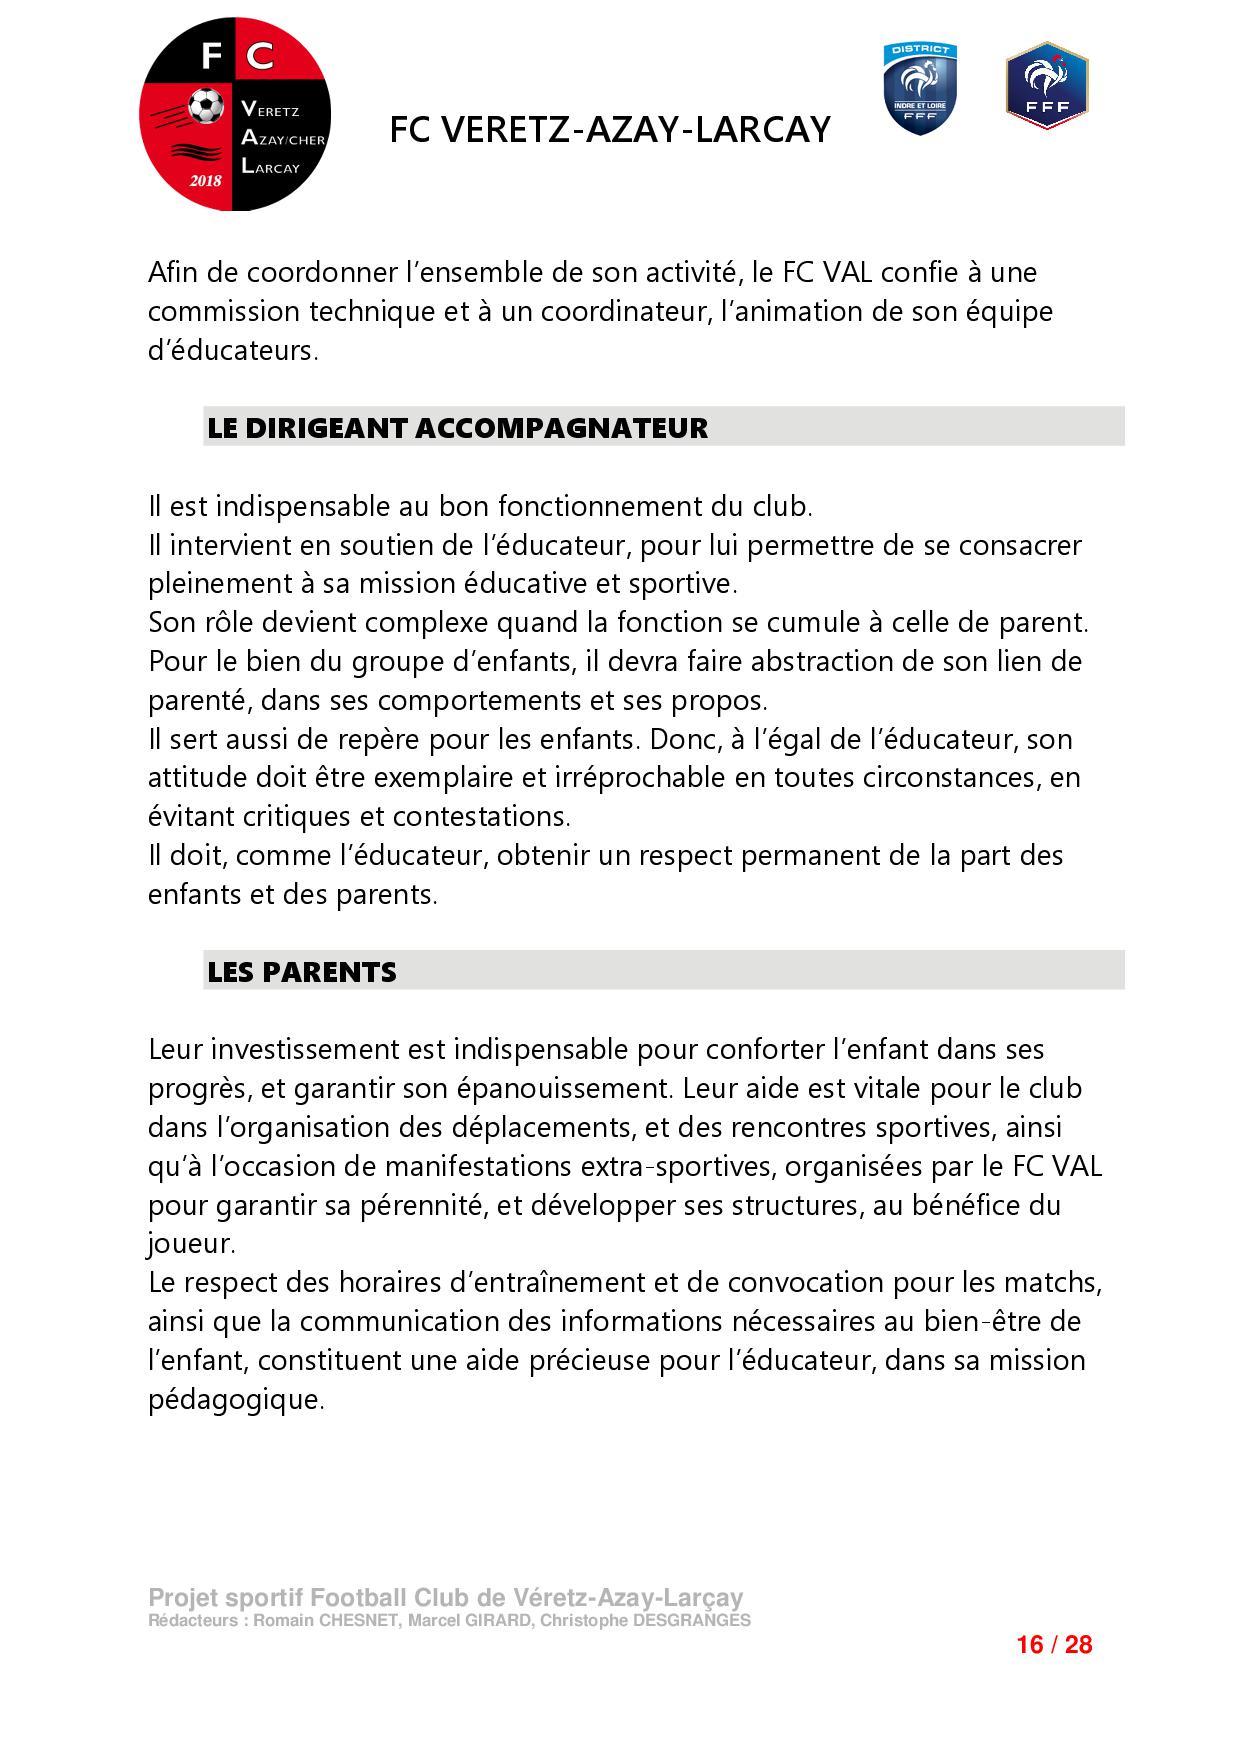 projet_sportif_2017-202016.jpg